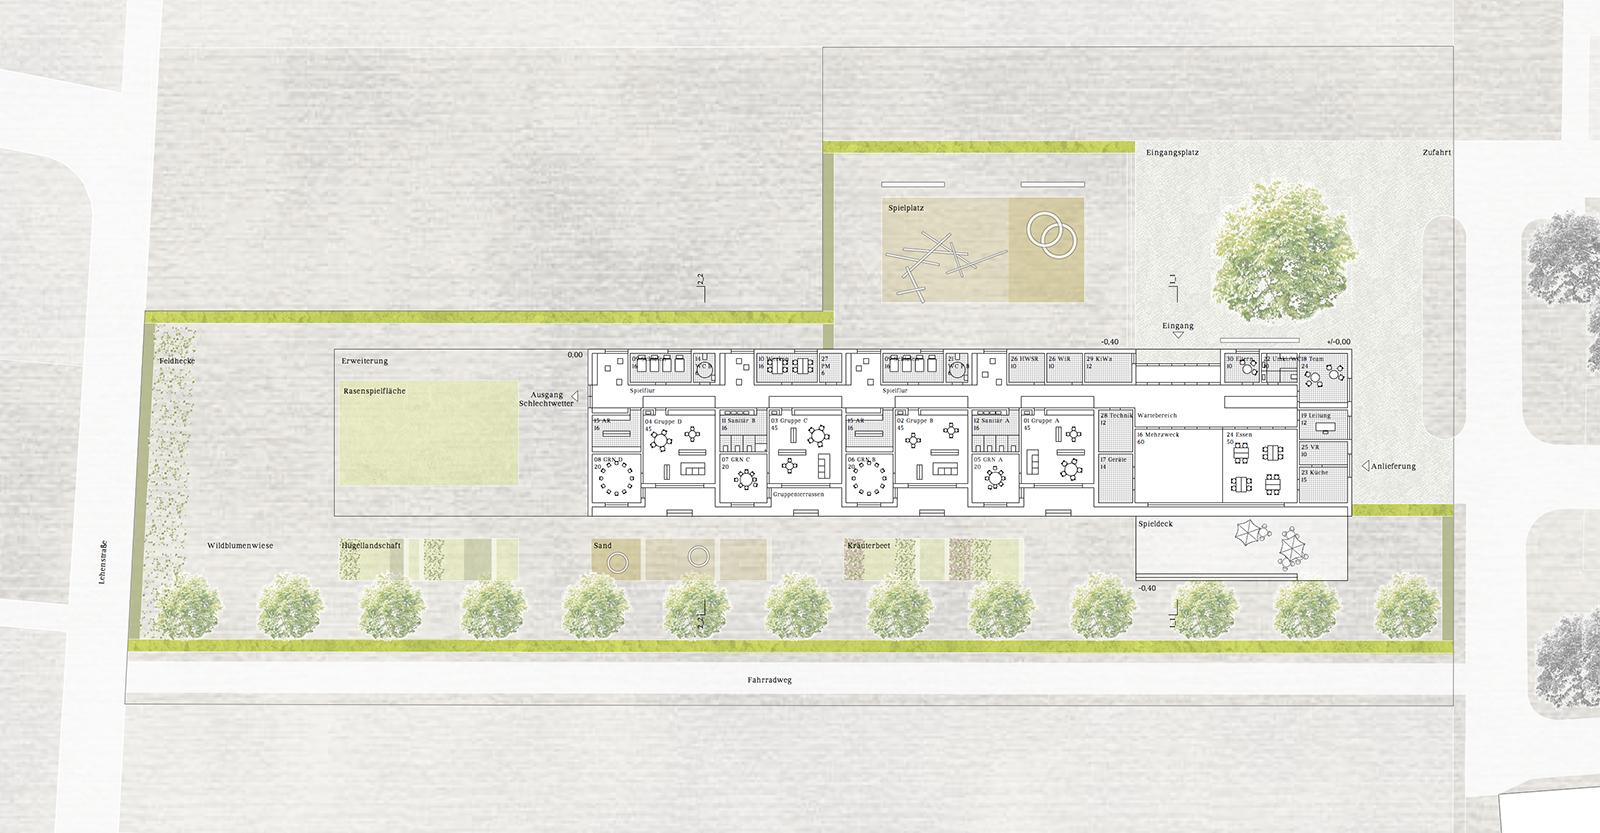 Wettbewerb-Hirrlingen-Friedrich-Poerschke-Zwink-Architekten_Grundriss EG